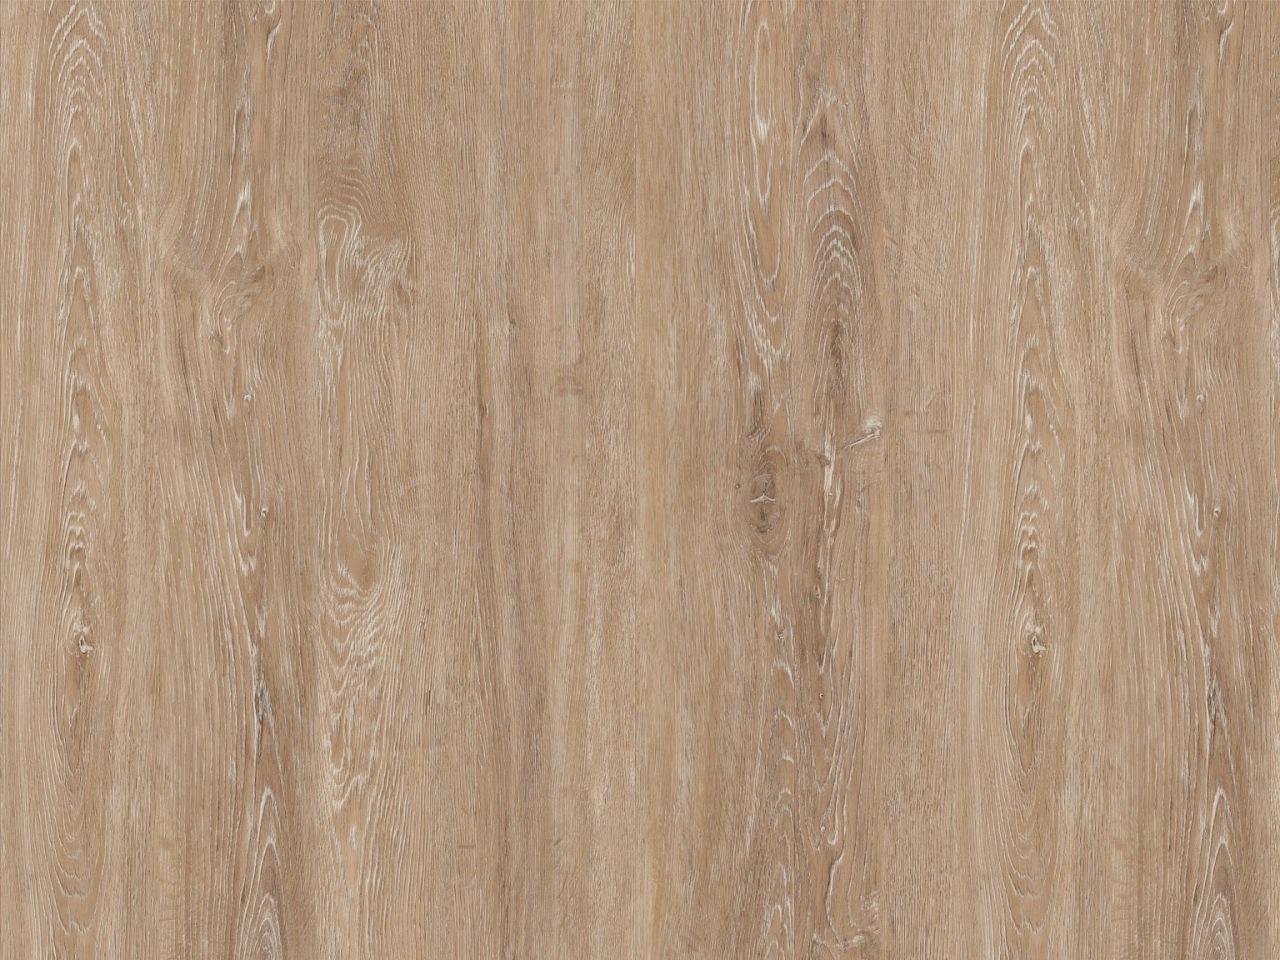 Designbelag Rico wood – Eiche Utrecht, 328004